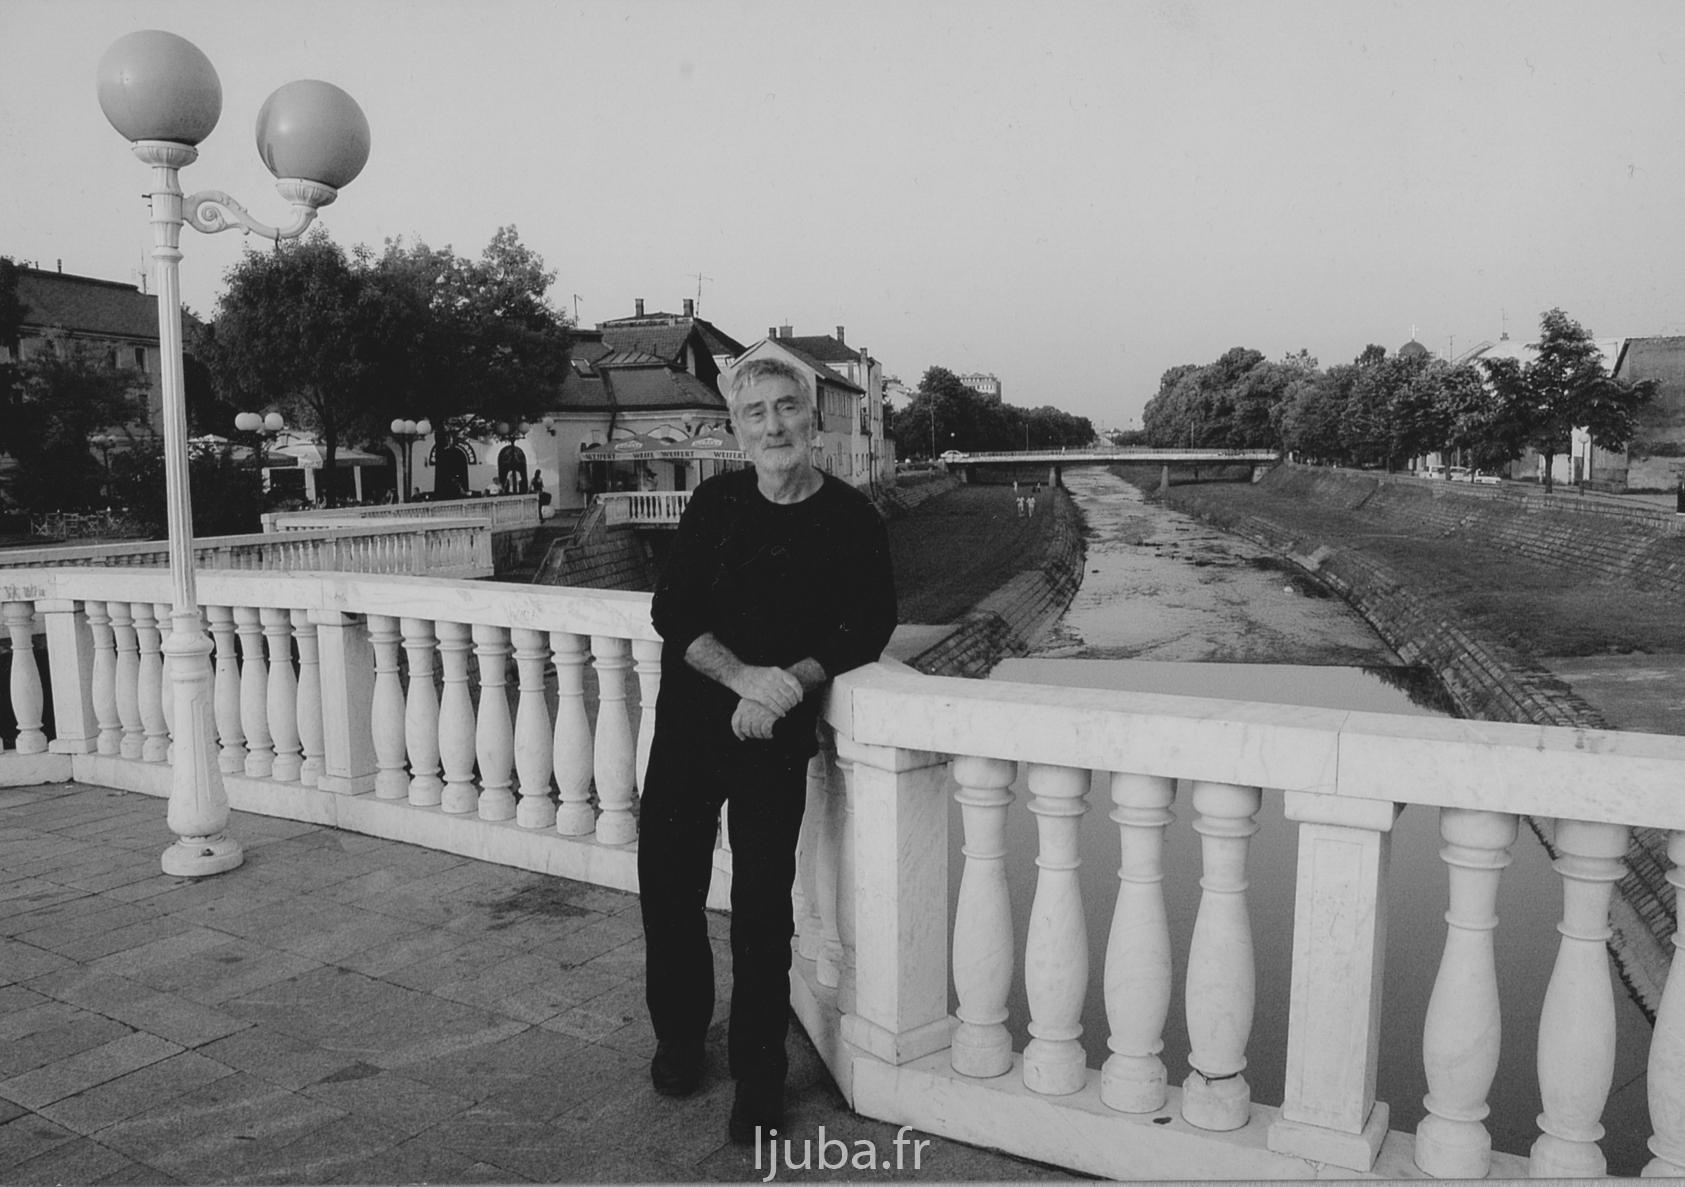 85. 2007., Ljuba u Valjevu_